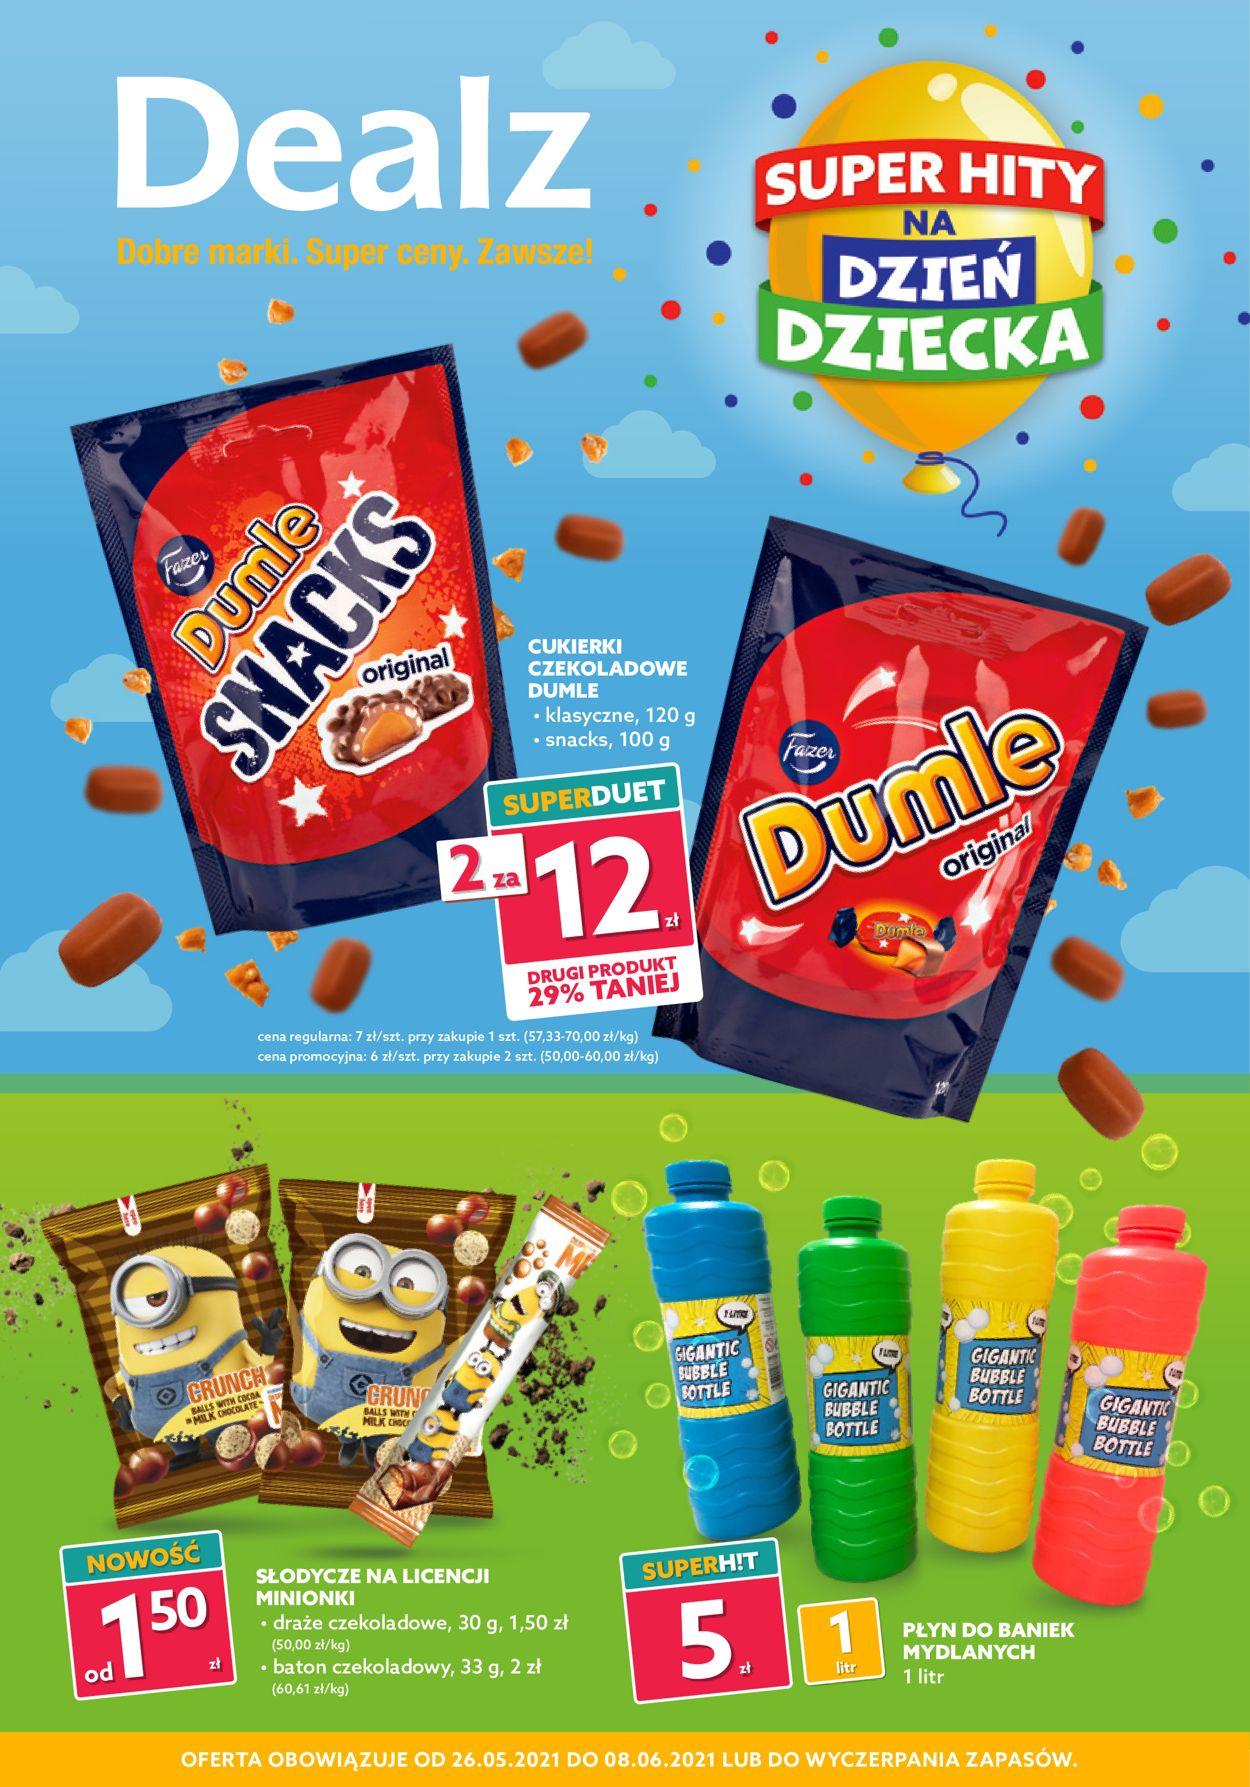 Gazetka promocyjna Dealz - 26.05-08.06.2021